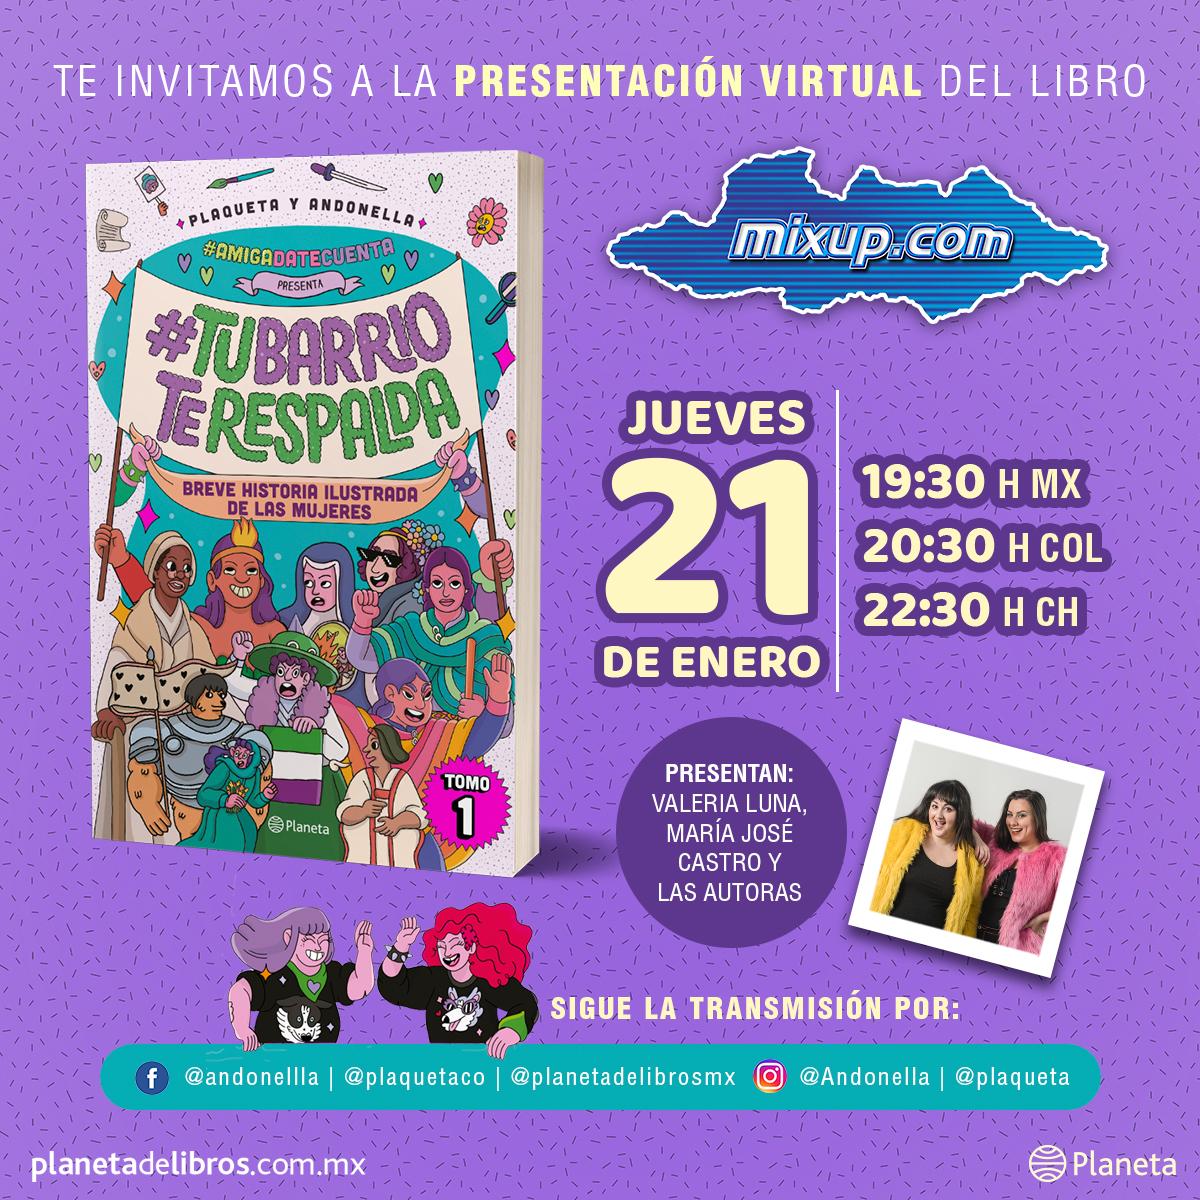 ¡ @Planetadelibros y #Mixup te invitan a la presentación del libro #TuBarrioTeRespalda de Plaqueta y Andonella.  Te esperamos el próximo jueves 21 de enero a las 19:30 Hrs.